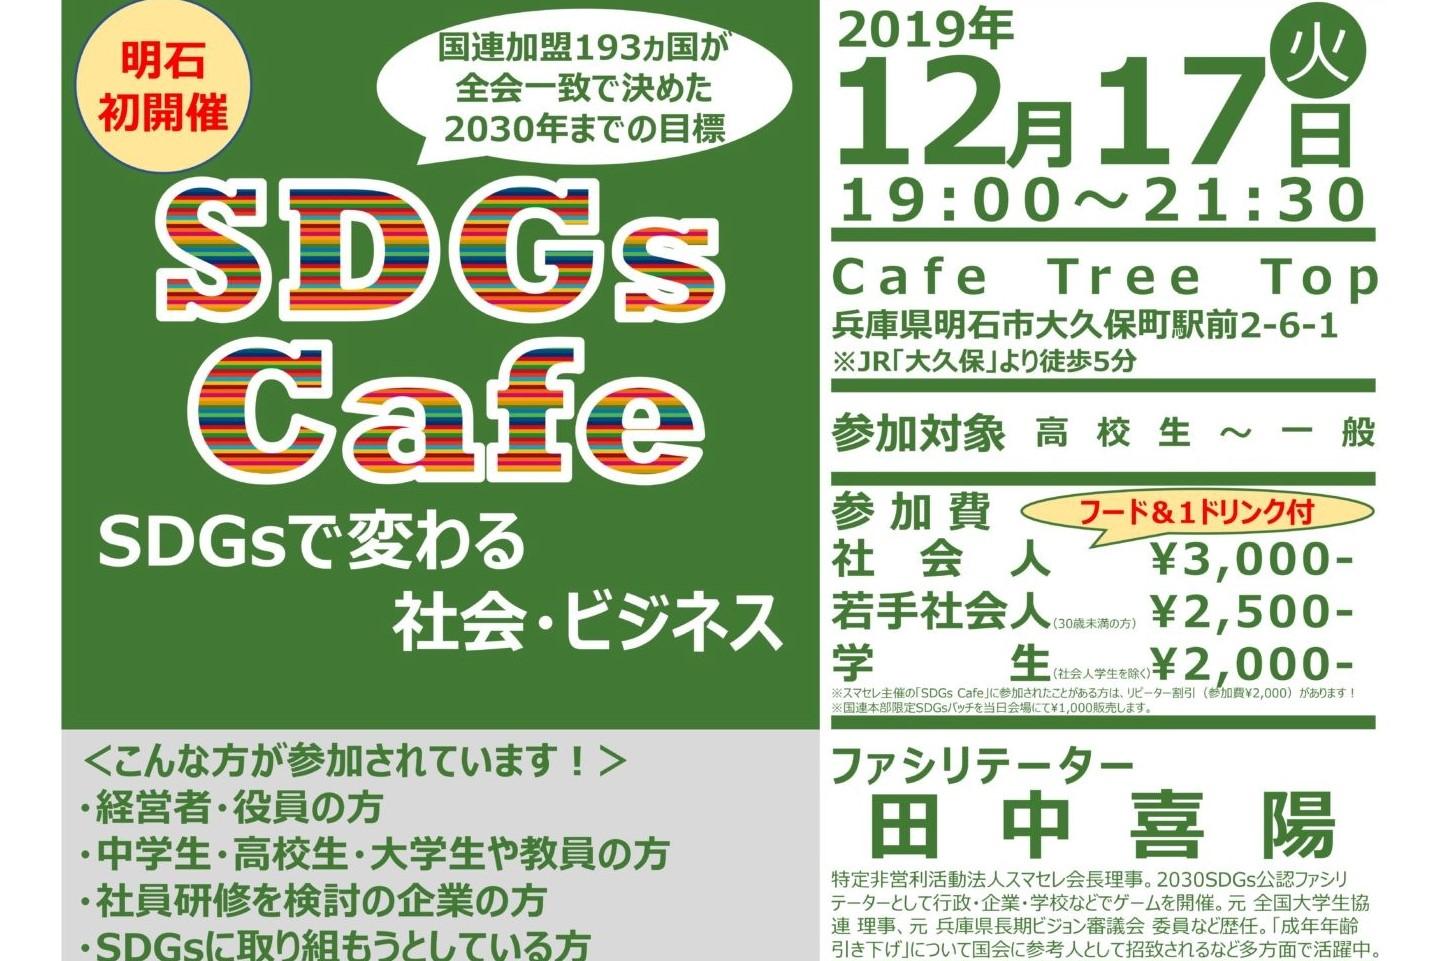 【明石開催】2019/12/17「SDGs Cafe」